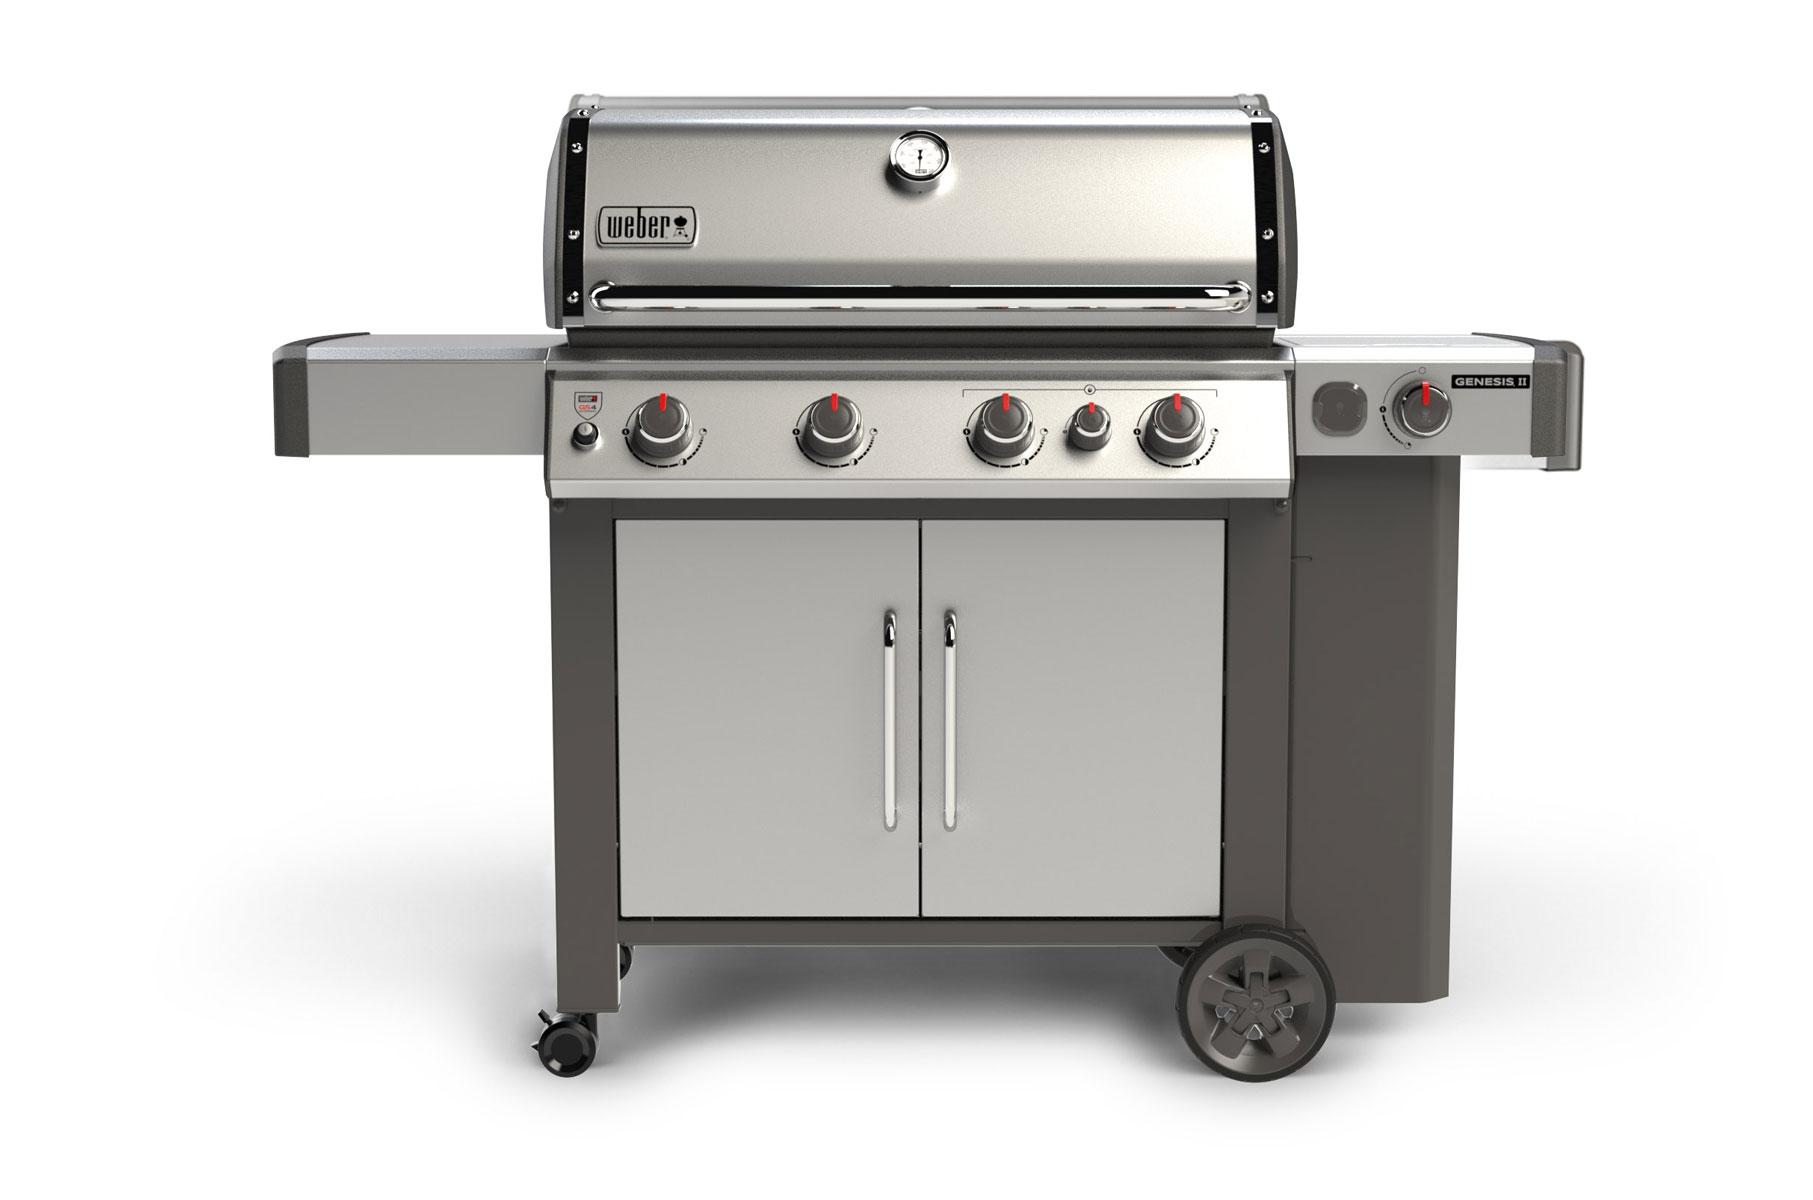 Weber Genesis Outdoor Küche : Genesis ii sp gbs gasgrill edelstahl grillmarkt radebeul